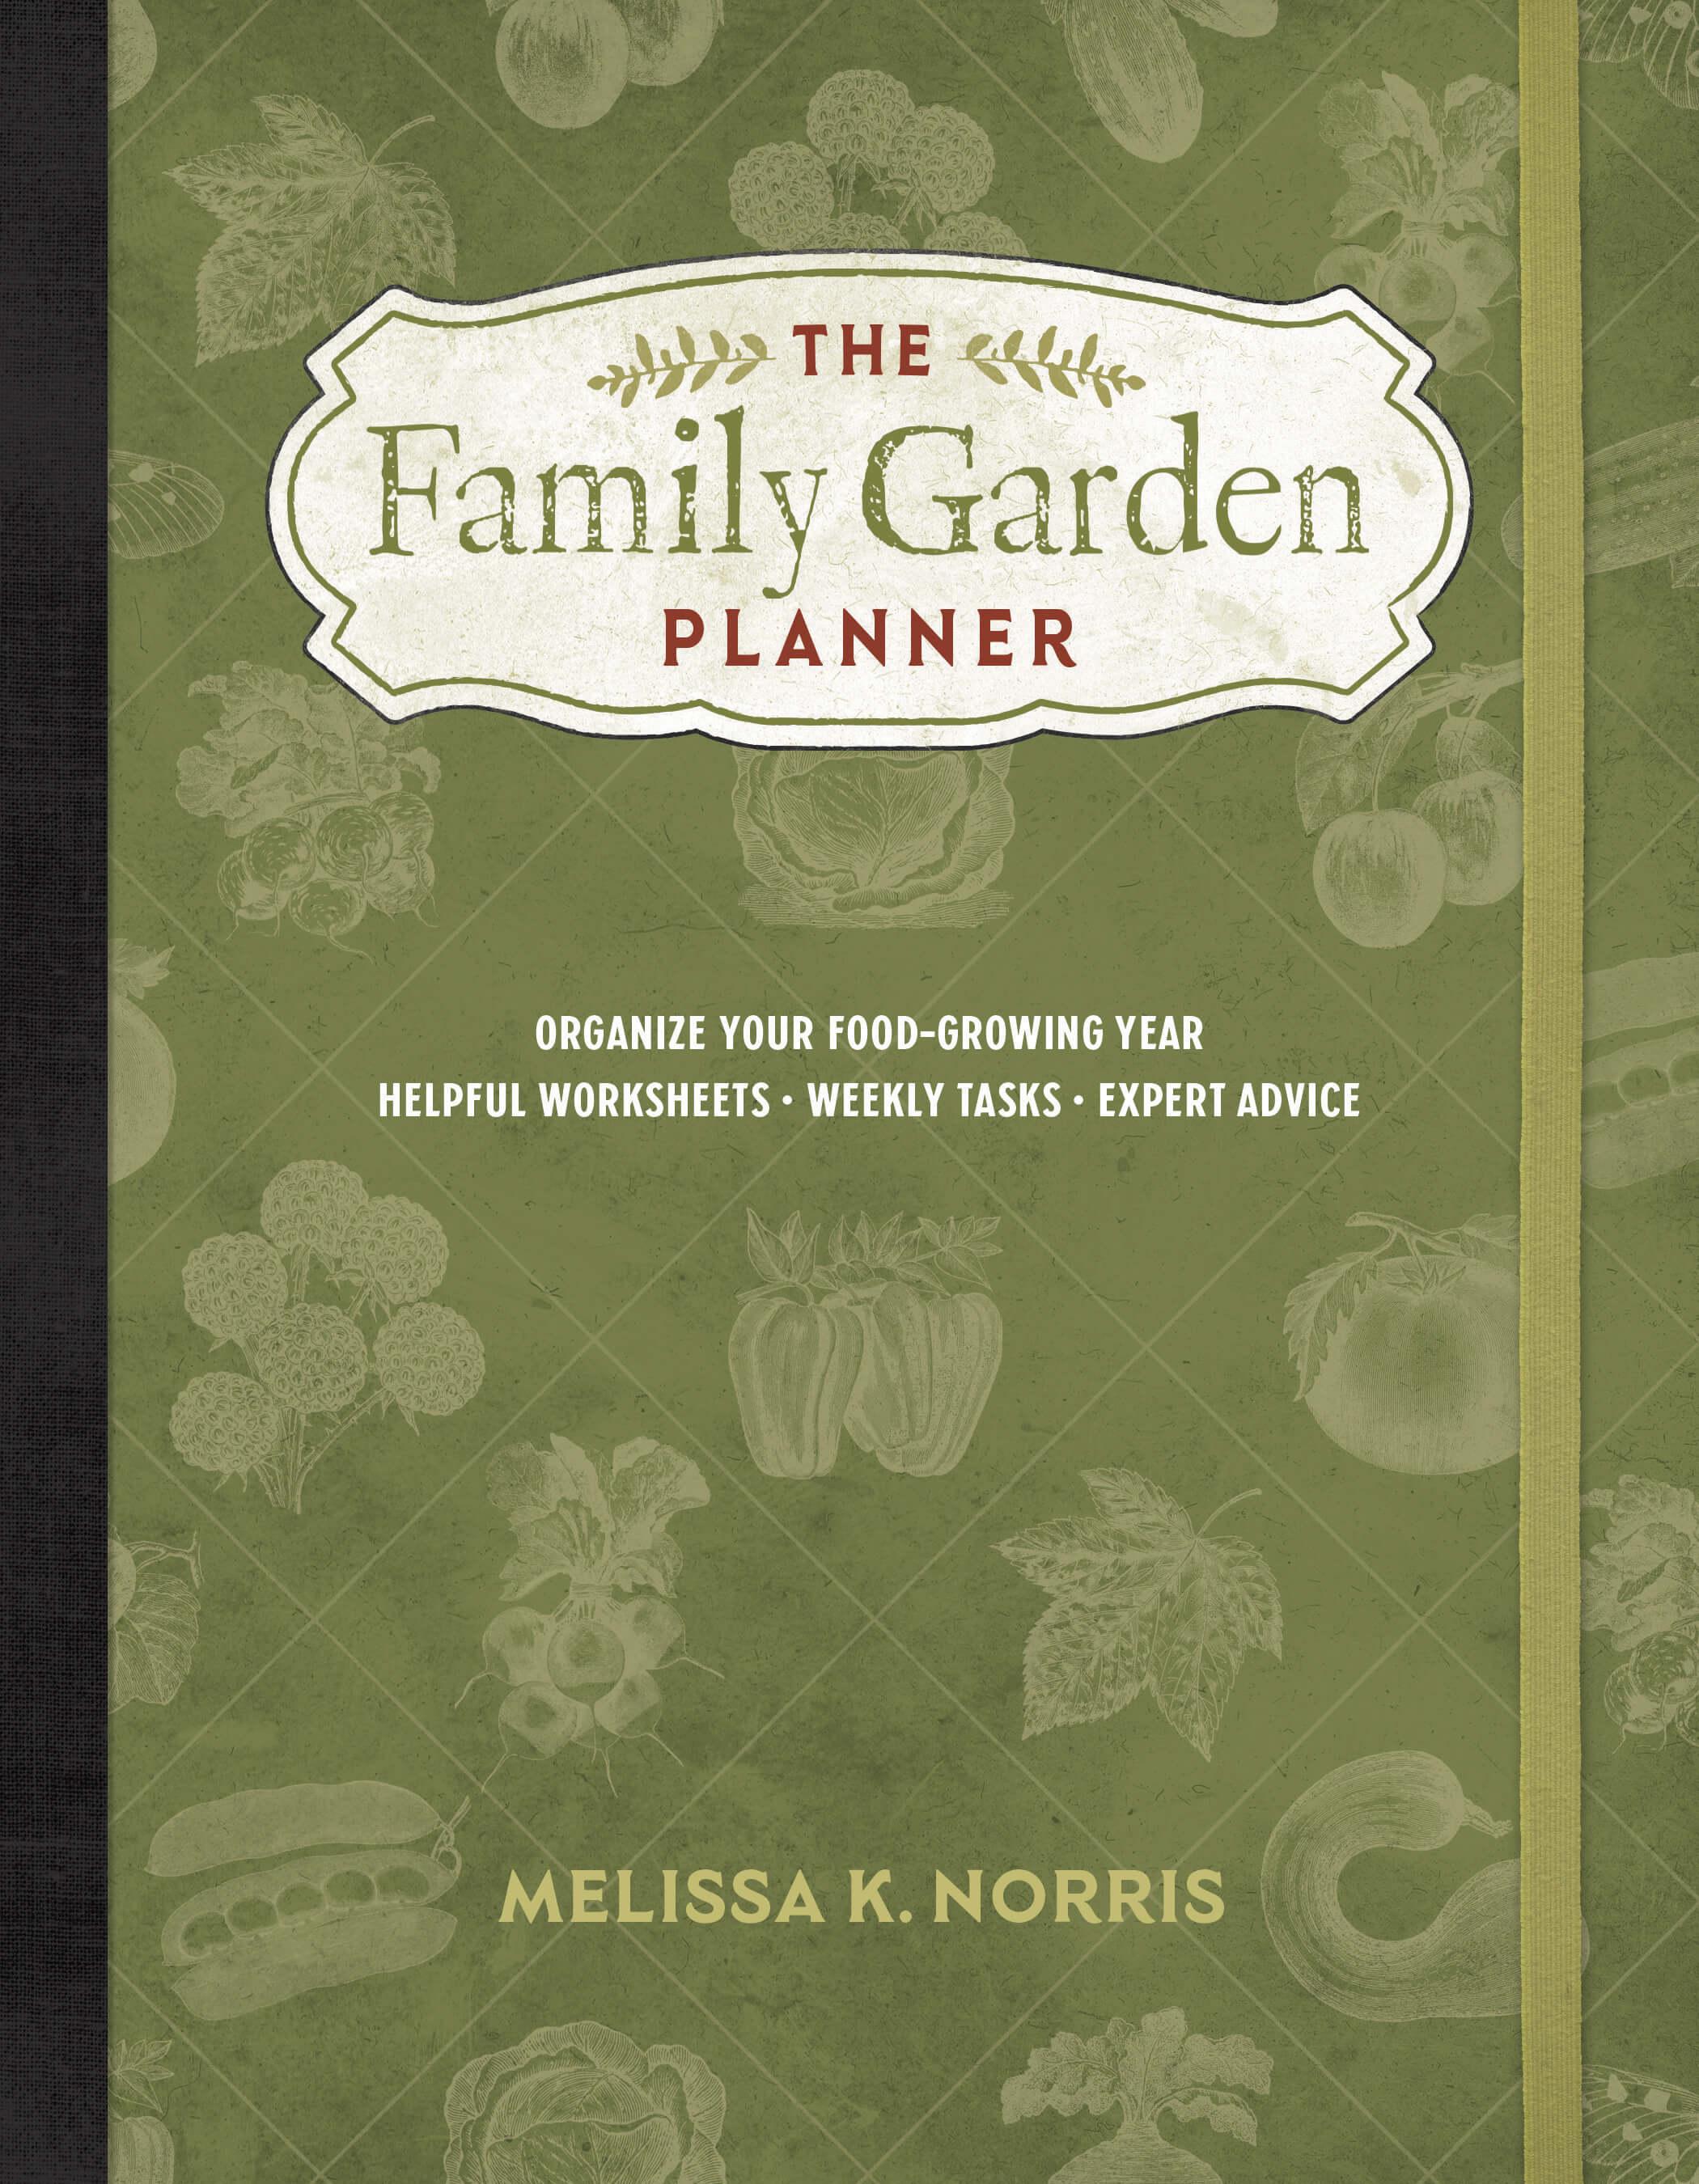 Family Garden Planner Cover